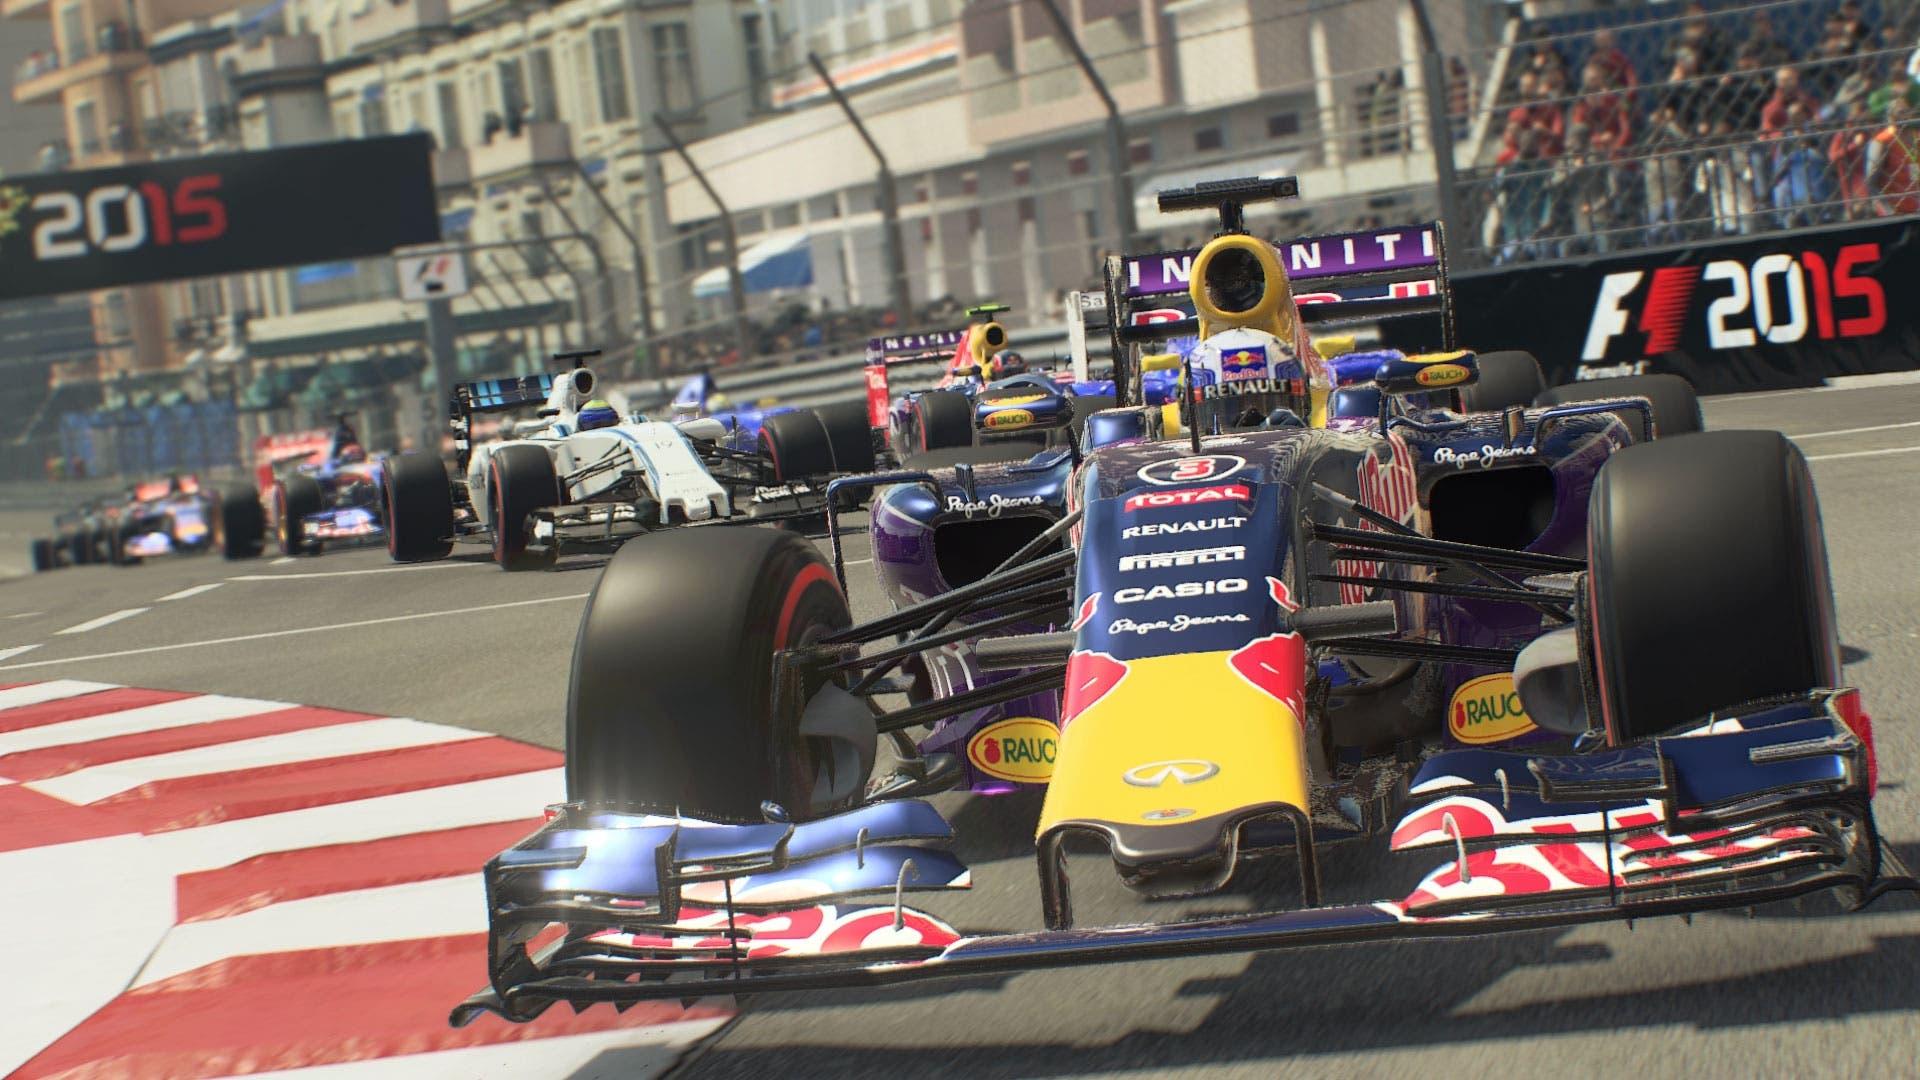 F1 2015 nos presenta su Modo Temporada con este vídeo 1